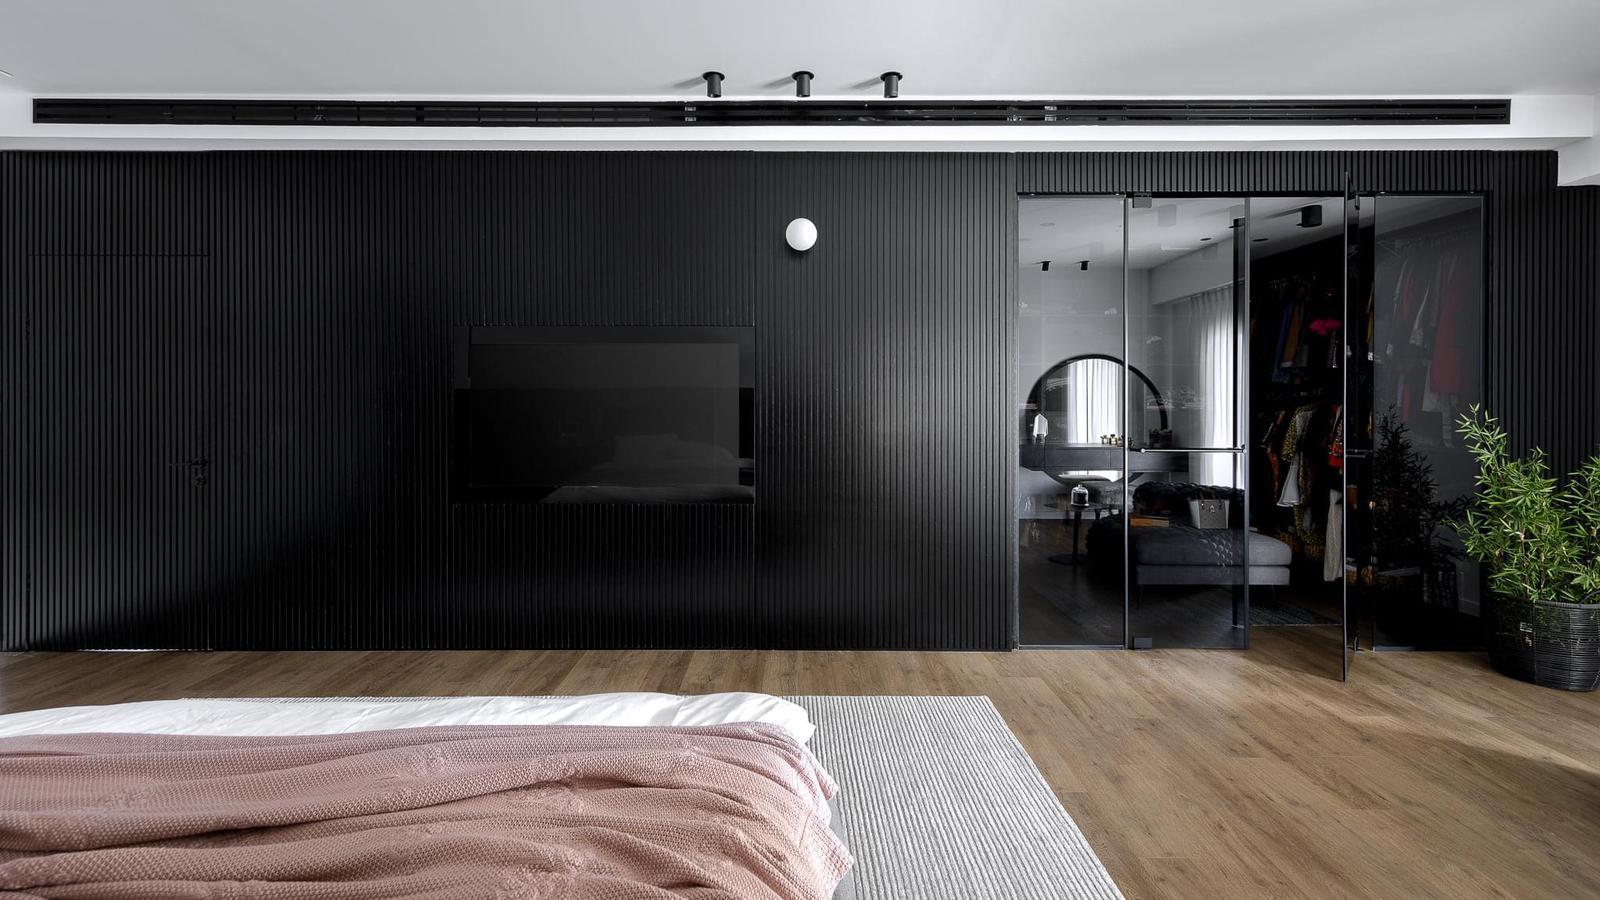 קיר כוח בחדר השינה, עיצוב יוסור עיסא, צלם אורן עמוס, באדיבות השטיח האדום